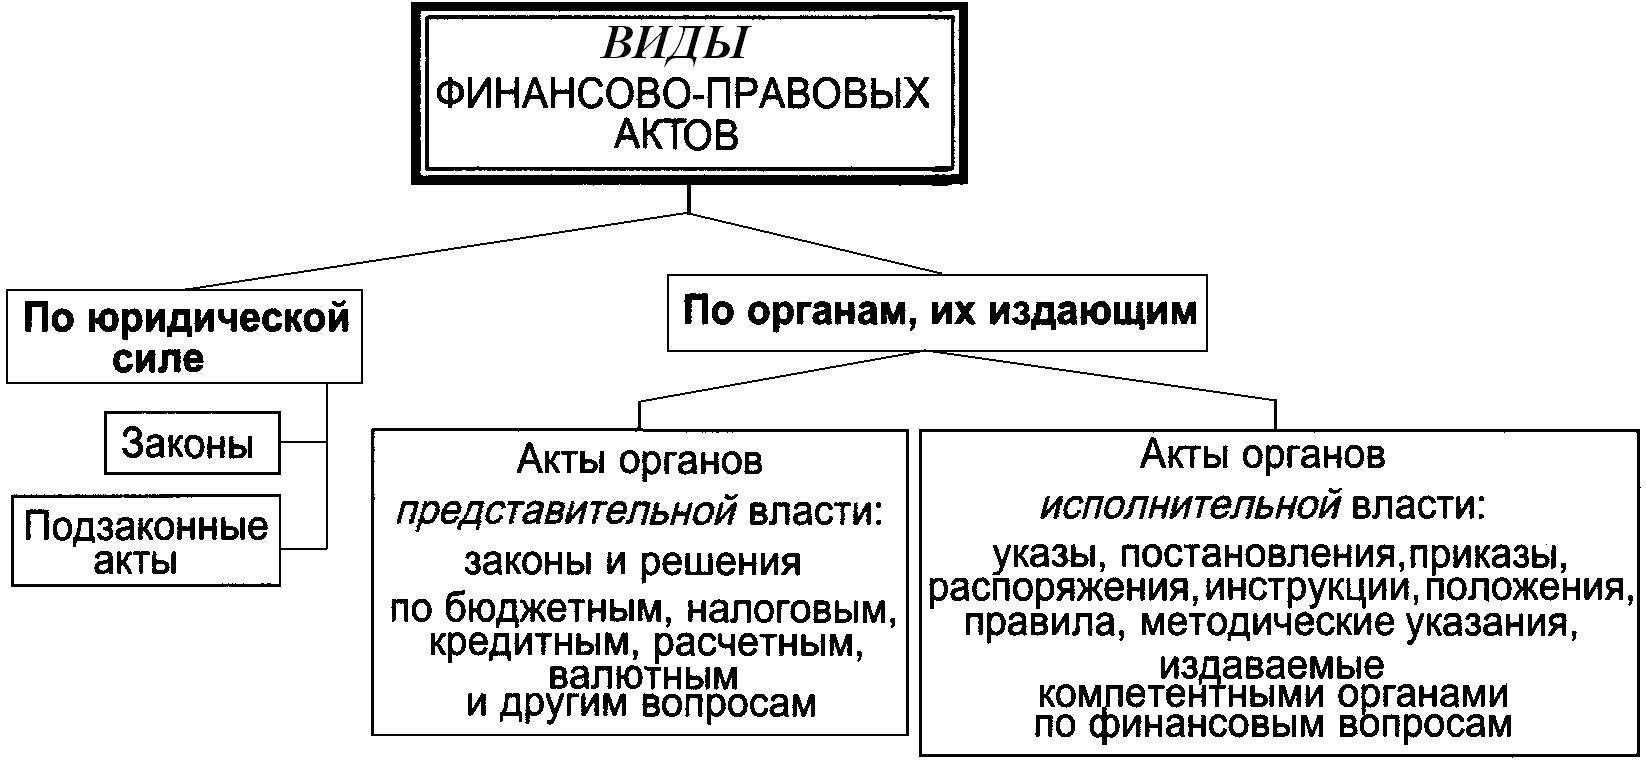 правовое положение финансово промышленные группы шпаргалка